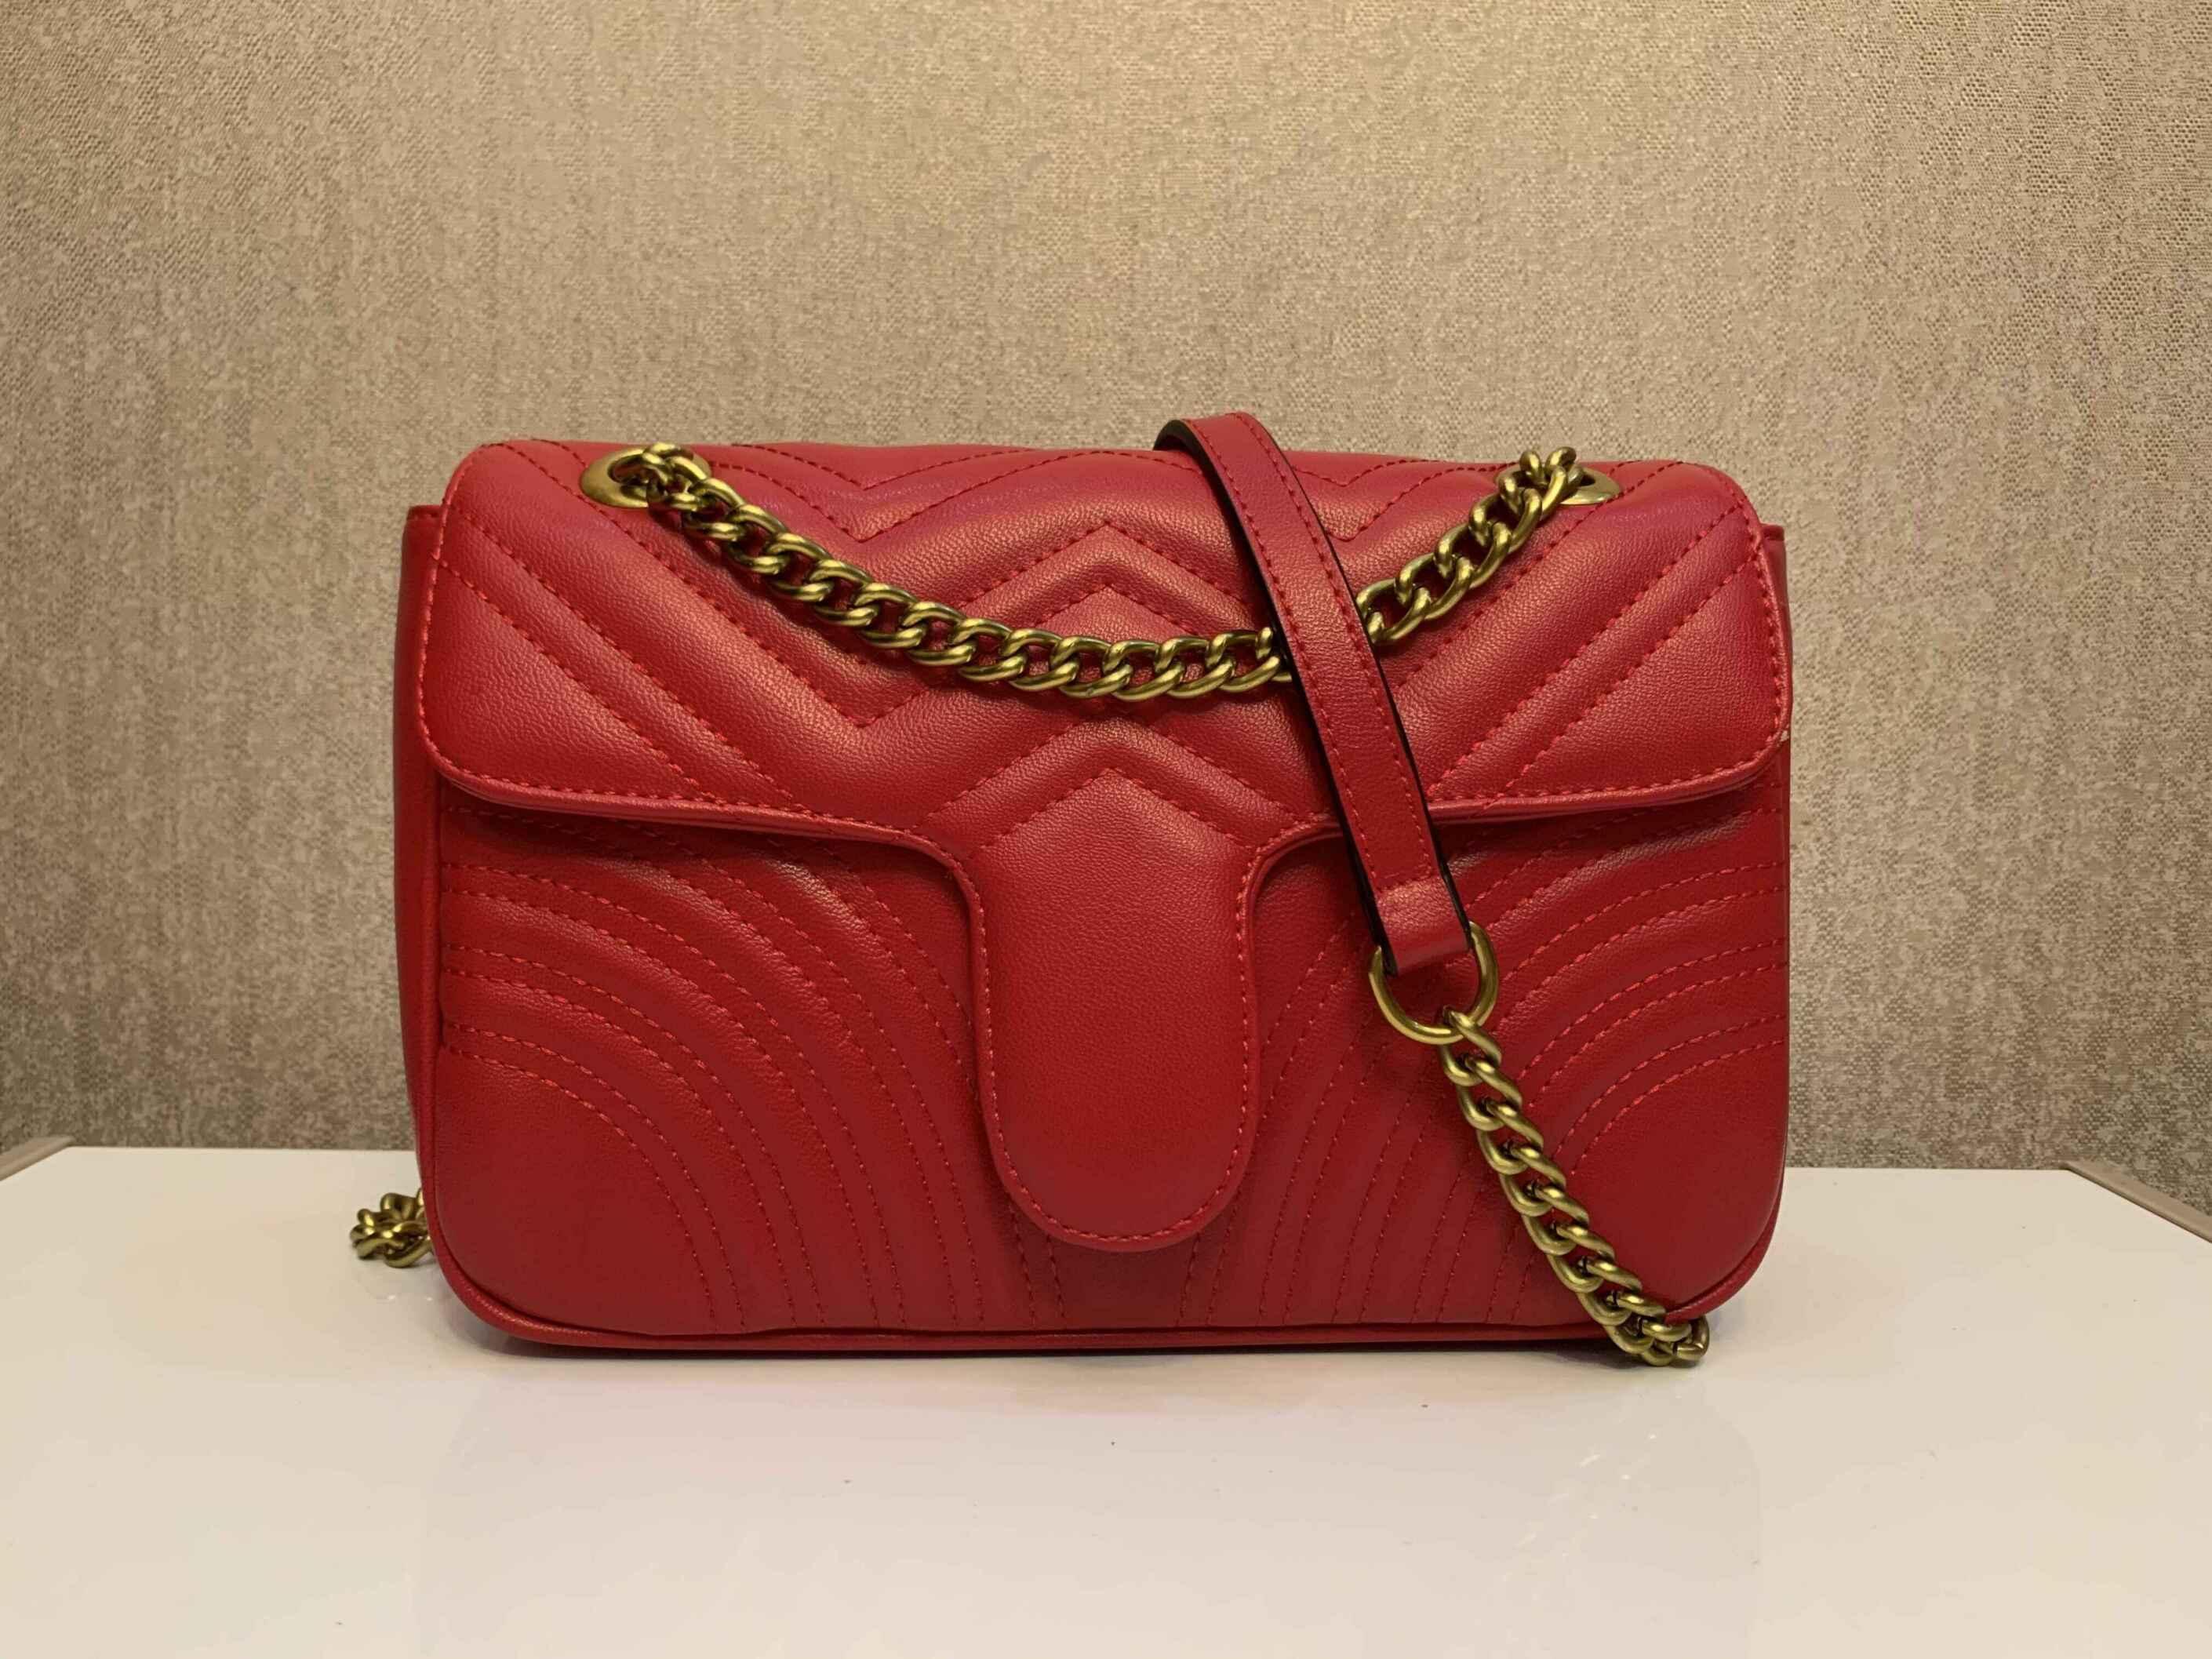 Sacs à bandoulière chaîne Sacs Marques 2018 Sacs à main de luxe Designer pour les célèbres femmes en cuir plissées dames principales une femme sac sac à main EGMUD